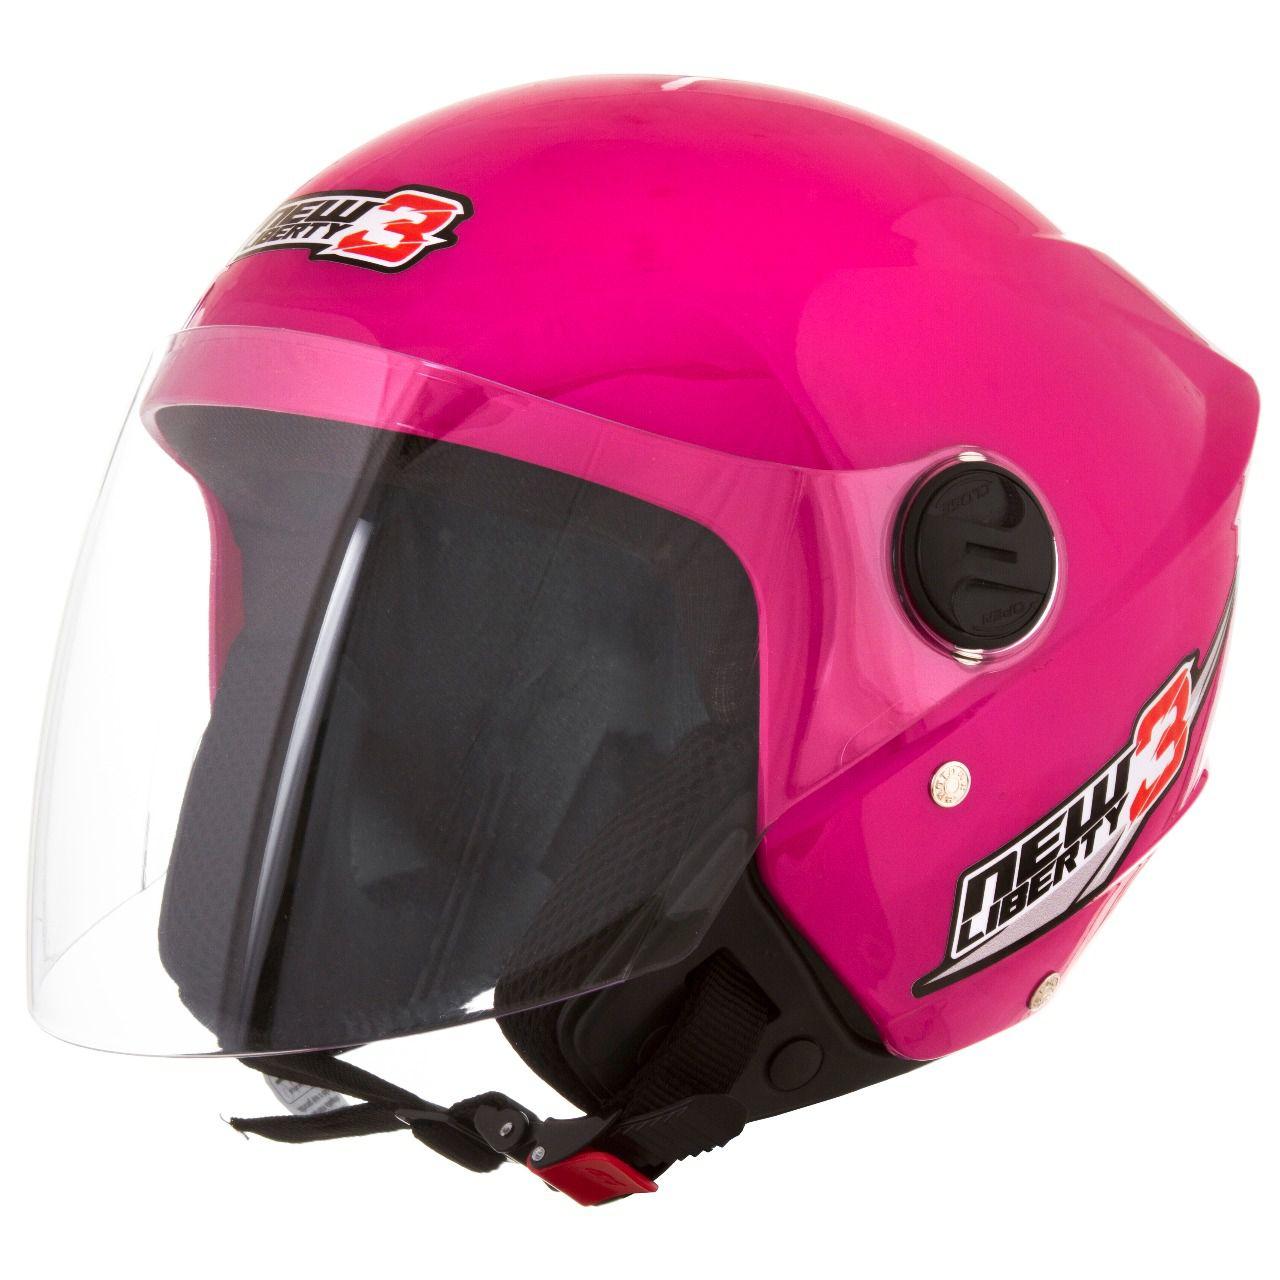 Capacete De Moto New Liberty 3 Rosa